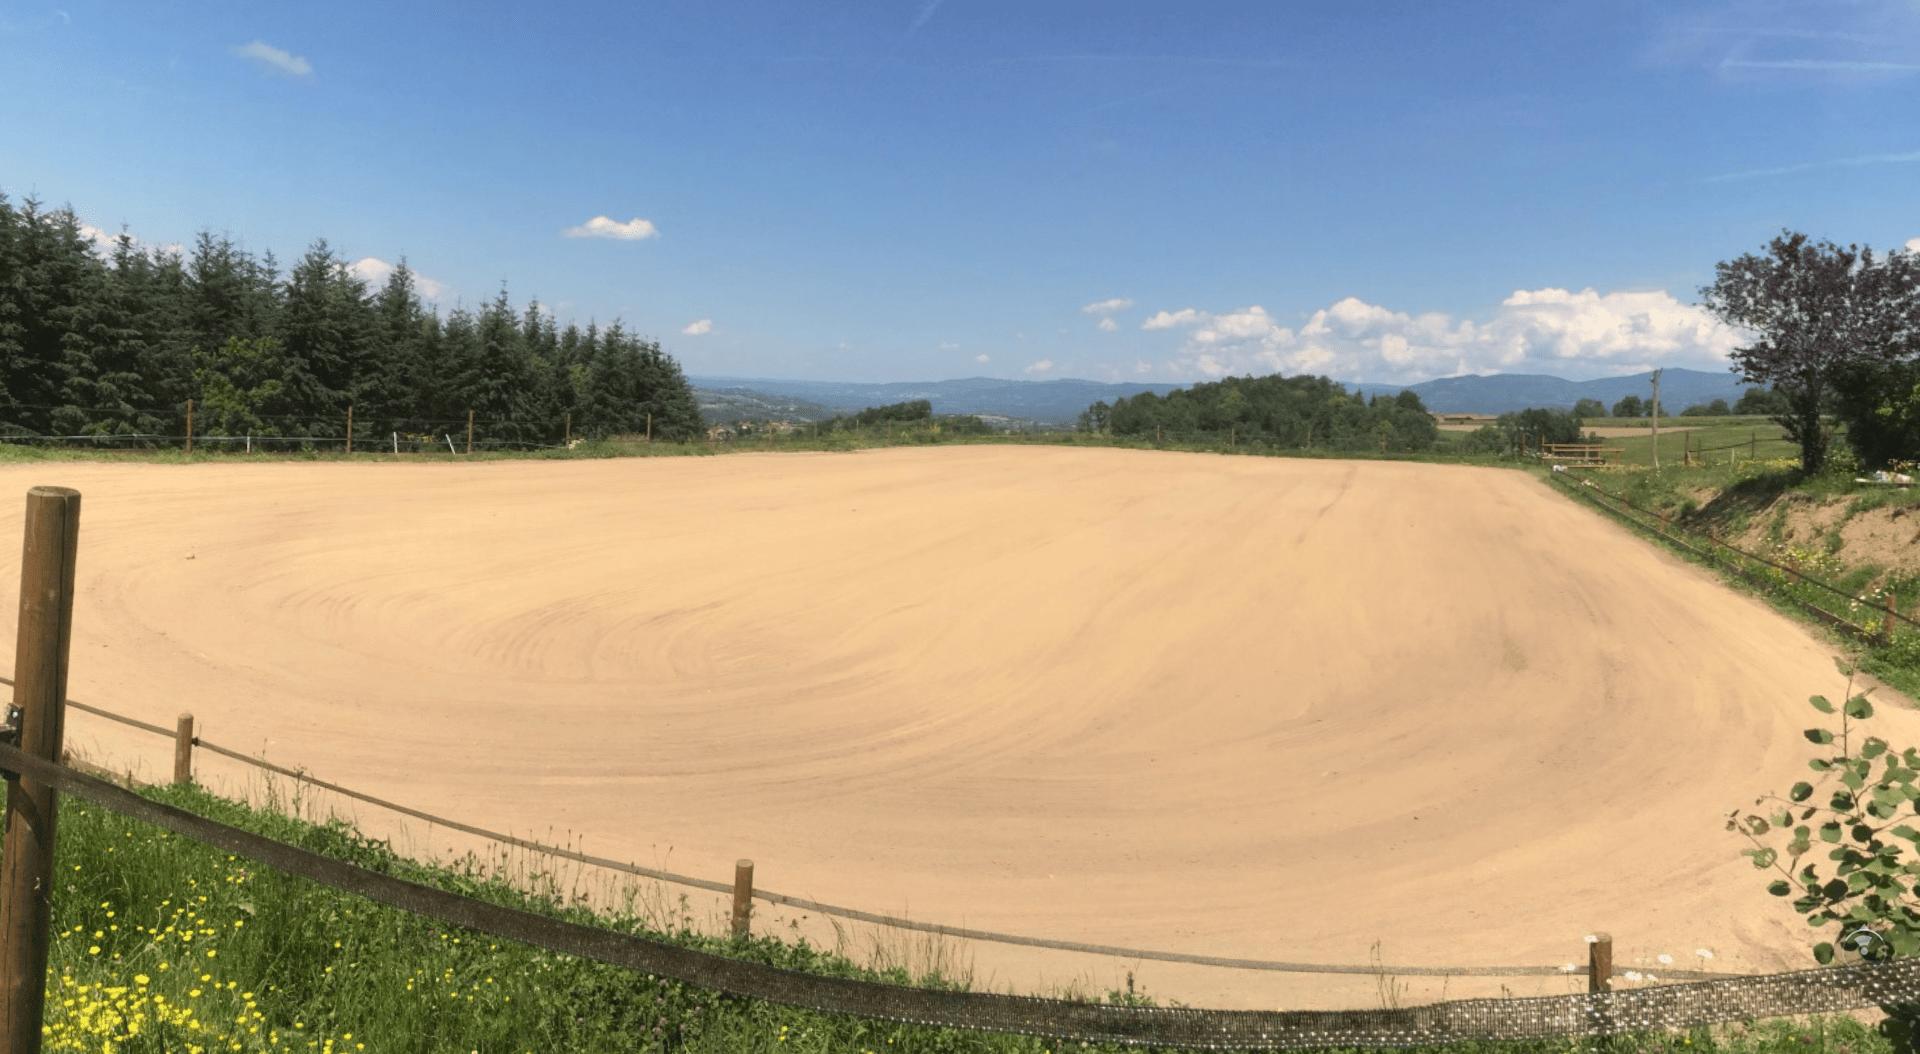 Toscane d'Auvergne - Ferme équestre de Chantaigut